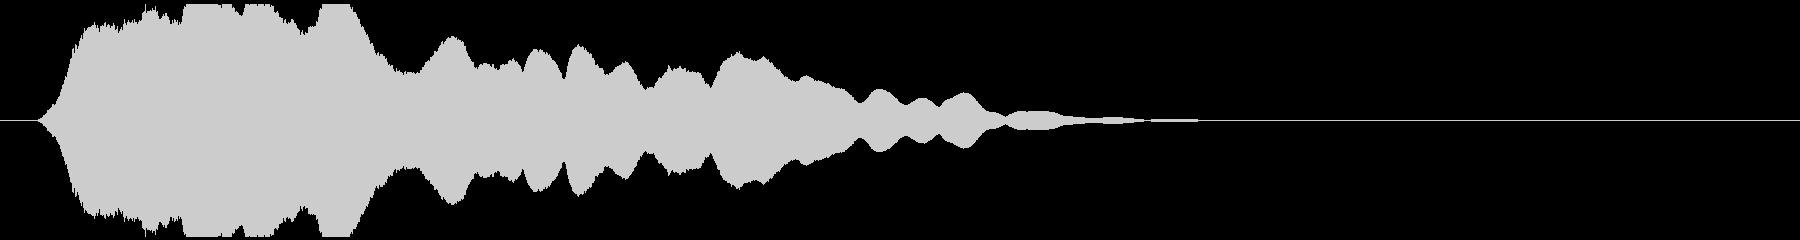 透明感のある衝突音(D2)の未再生の波形